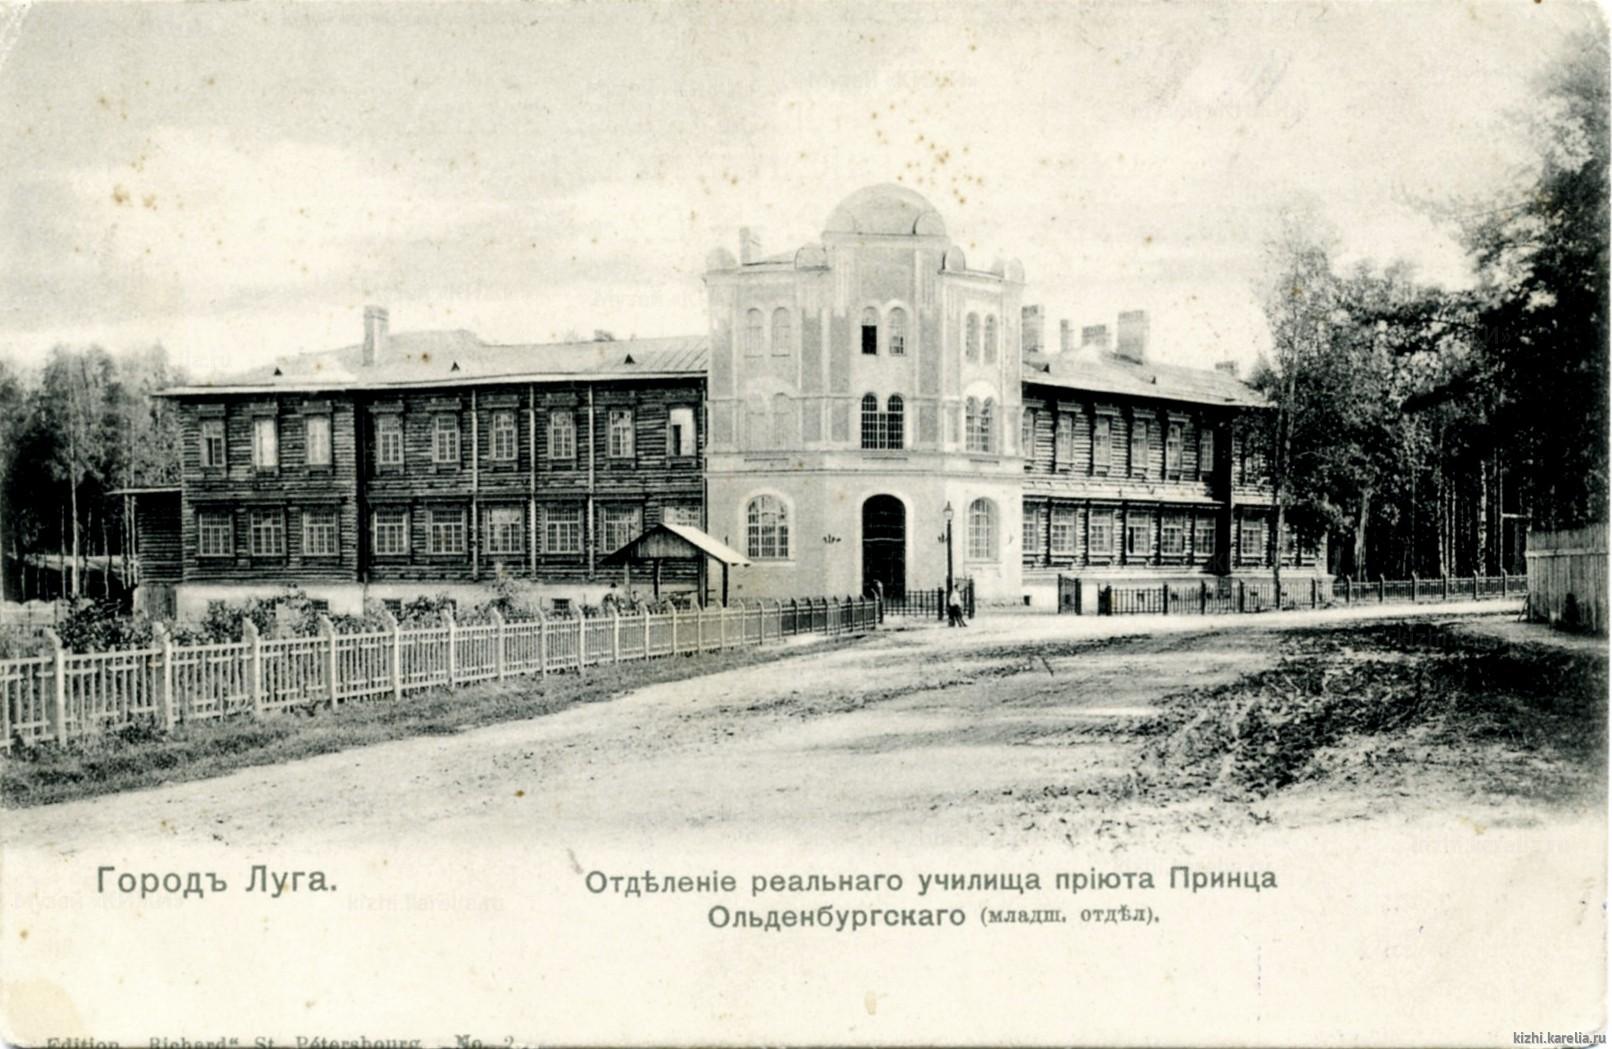 Отделение реального училища, приюта Принца Ольденбургскаго (младш. отдел)